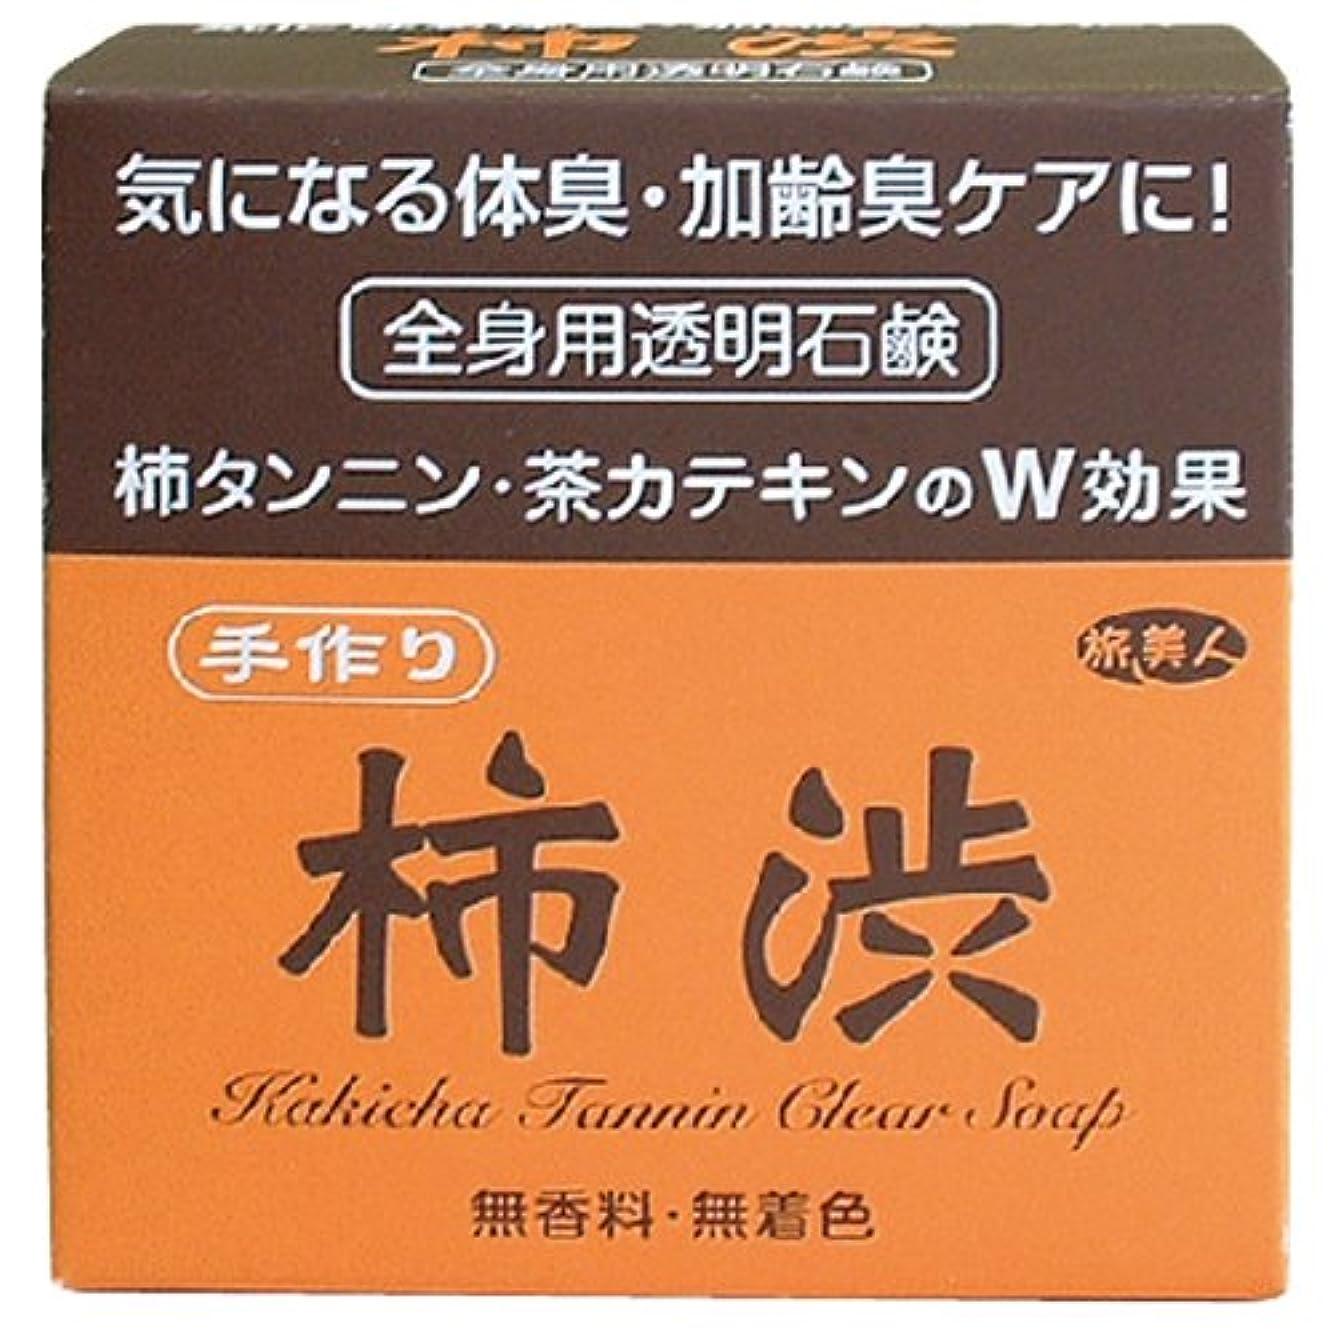 カルシウム膜吹きさらし気になる体臭?加齢臭ケアに アズマ商事の手作り柿渋透明石鹸